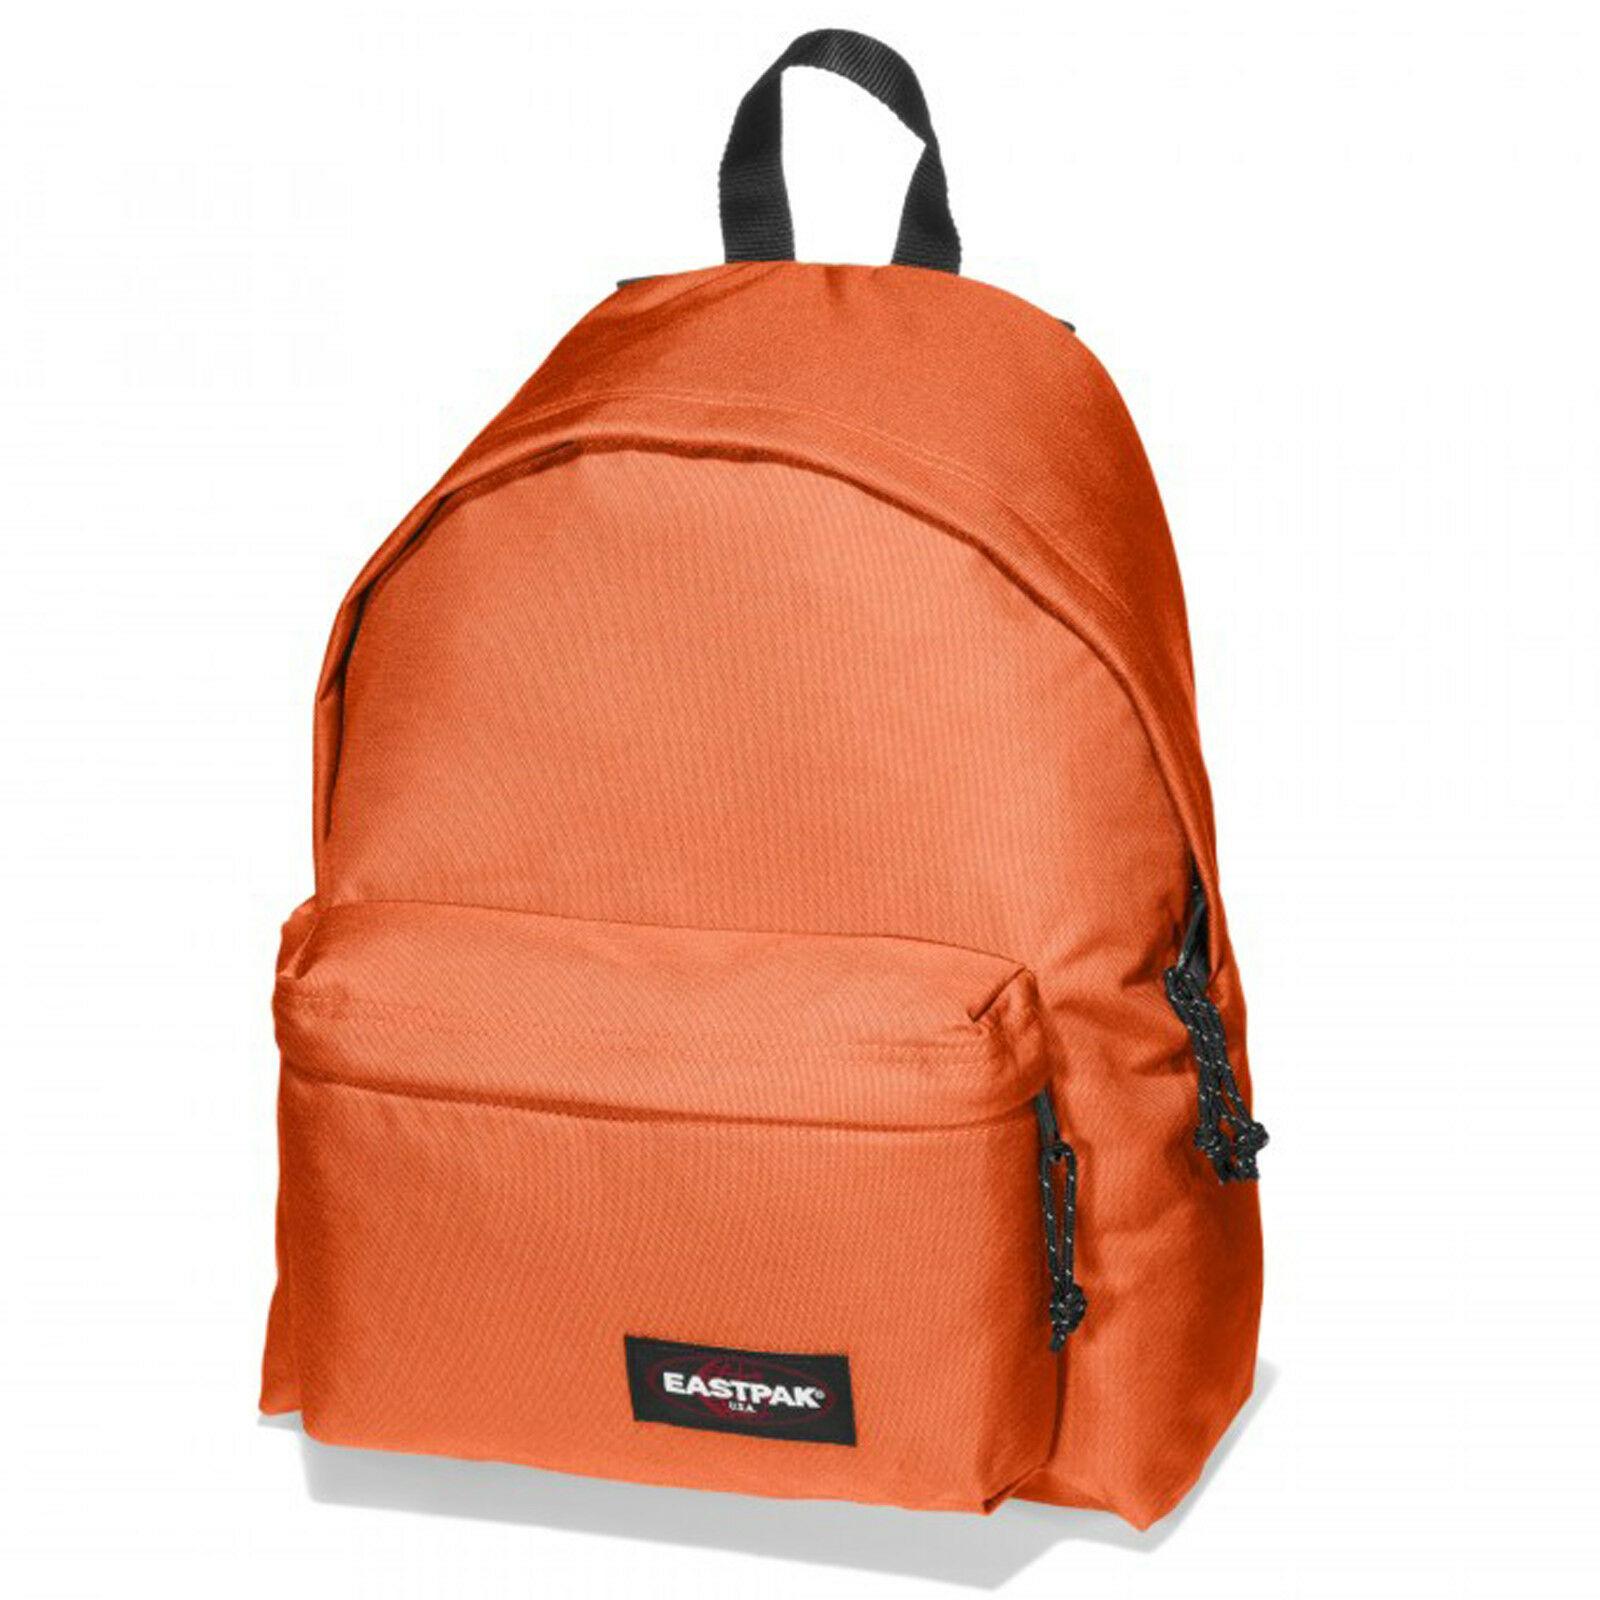 Zaino EASTPAK 24 L arancione padded PAK'R IT'S ORANGE impermeabilizzato